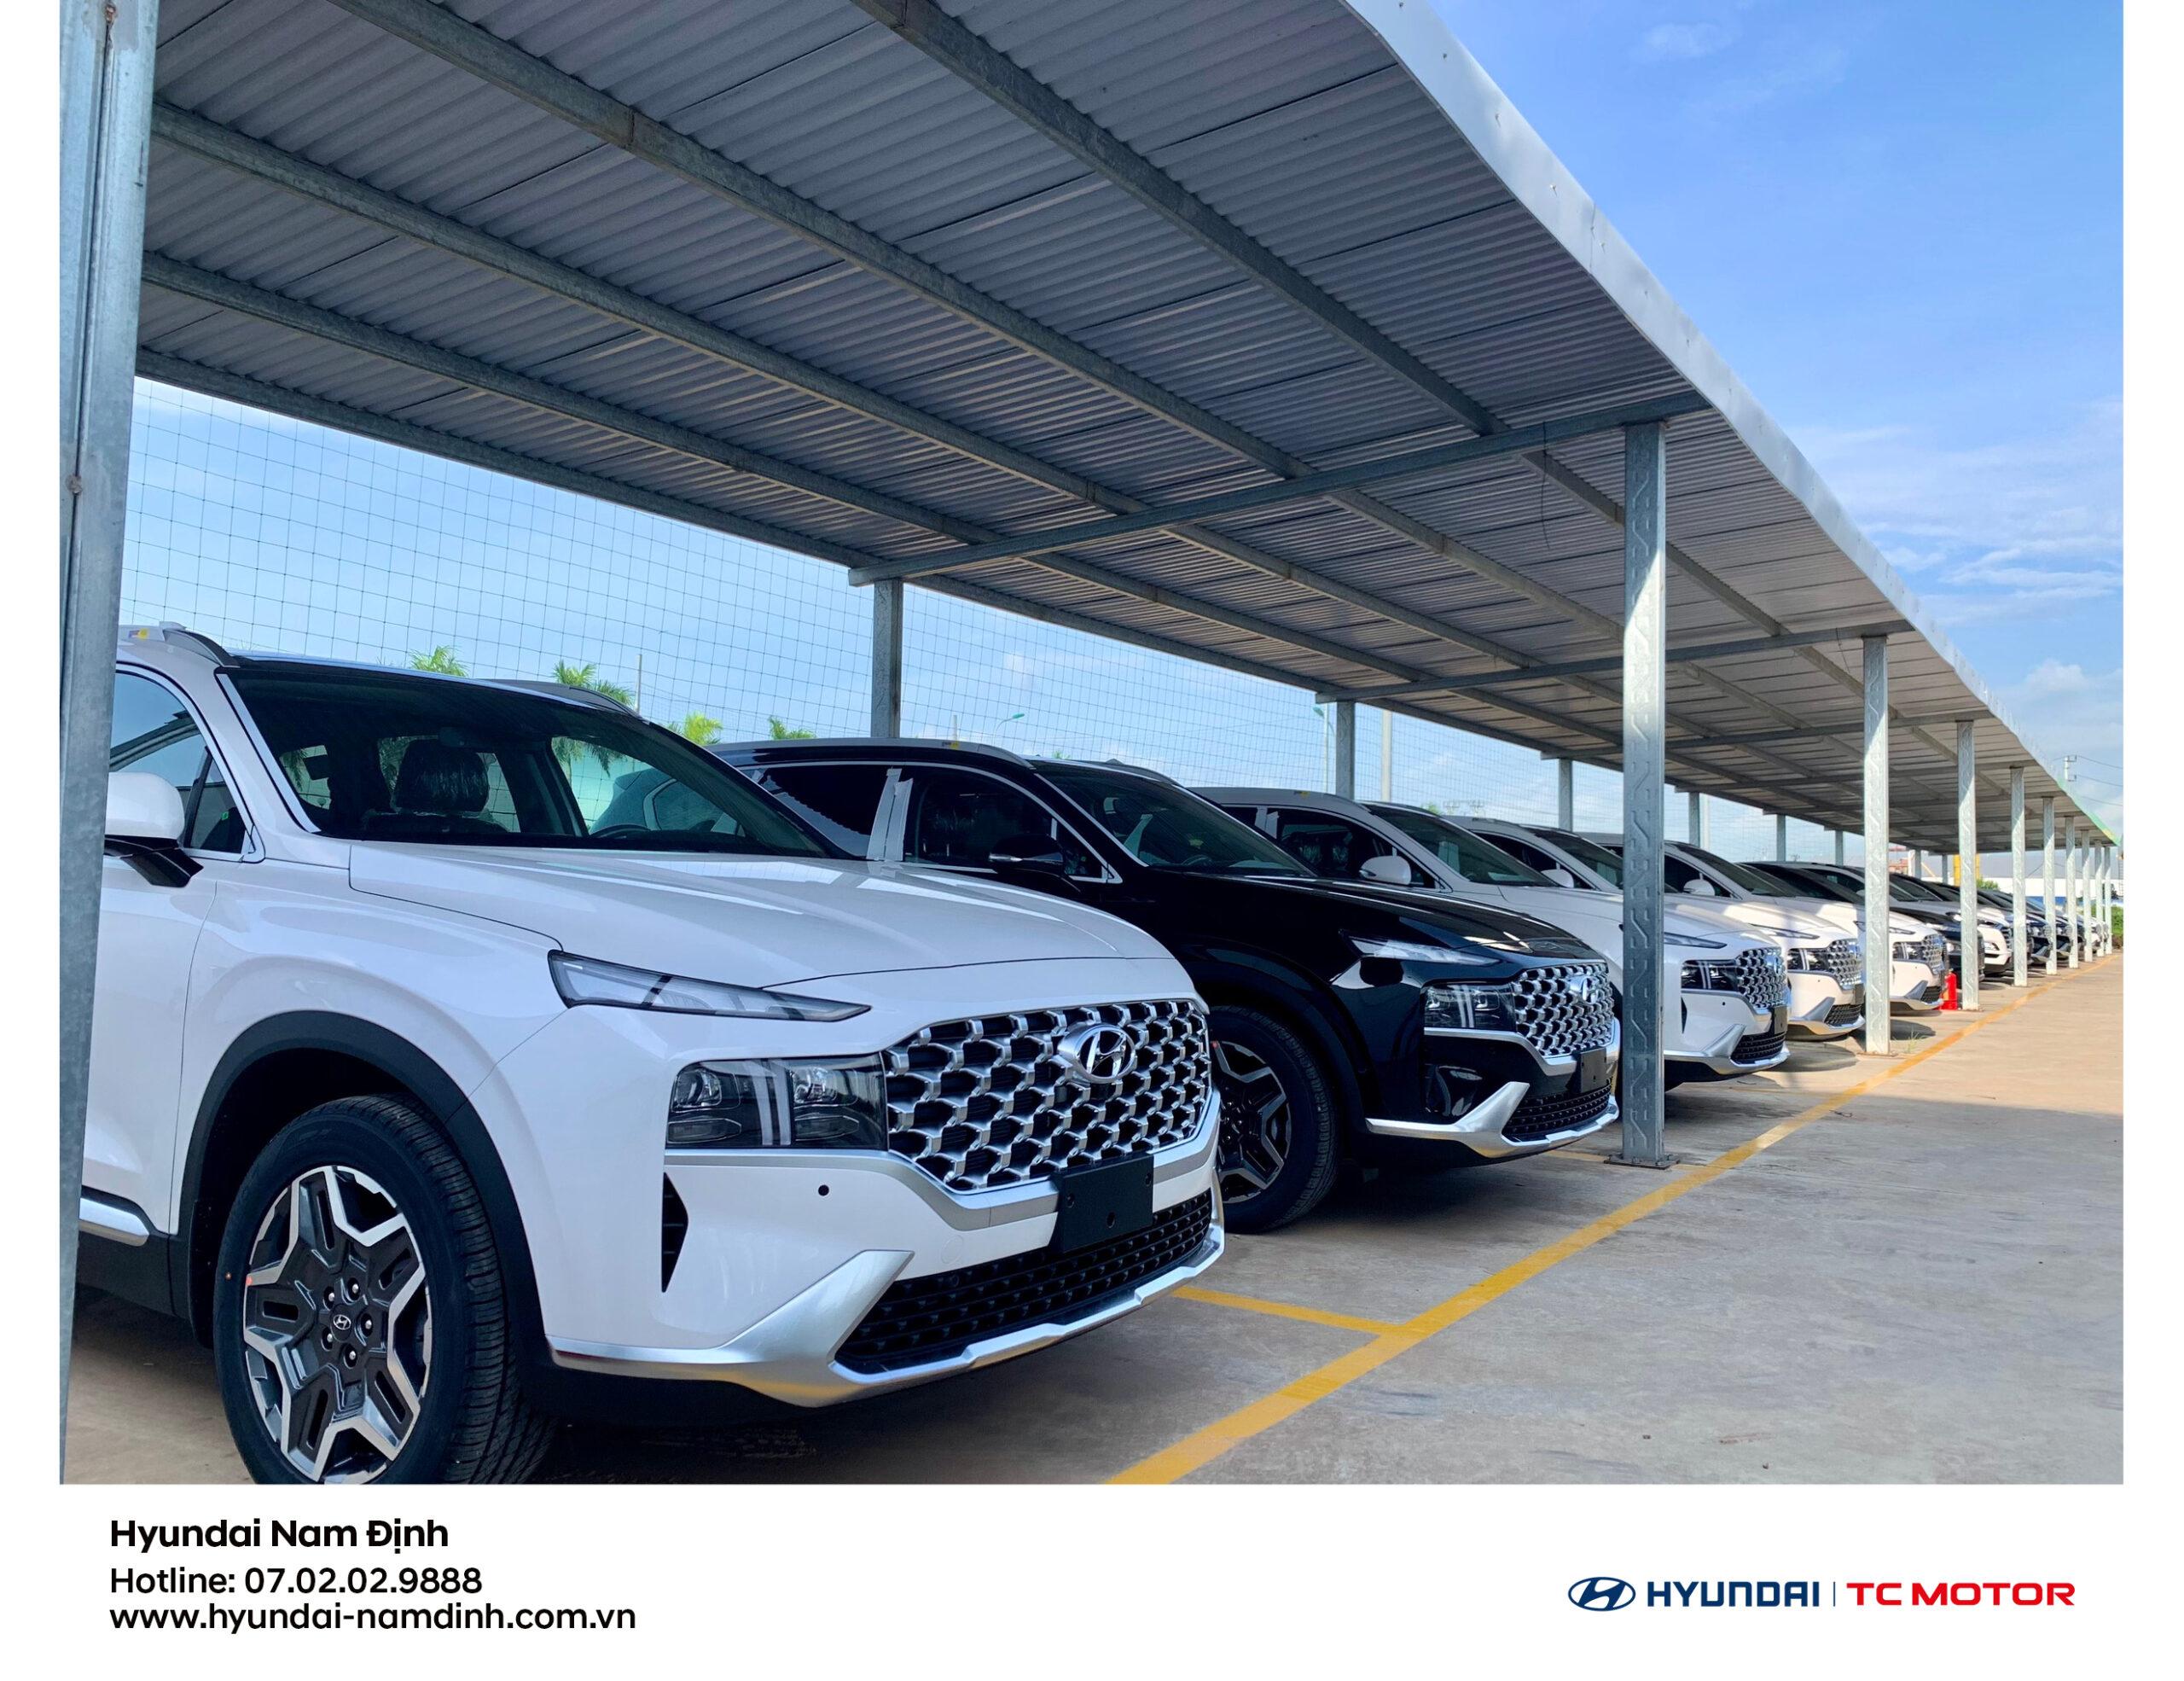 Hyundai Nam Định luôn sẵn xe tại kho và sẵn sàng giao ngay